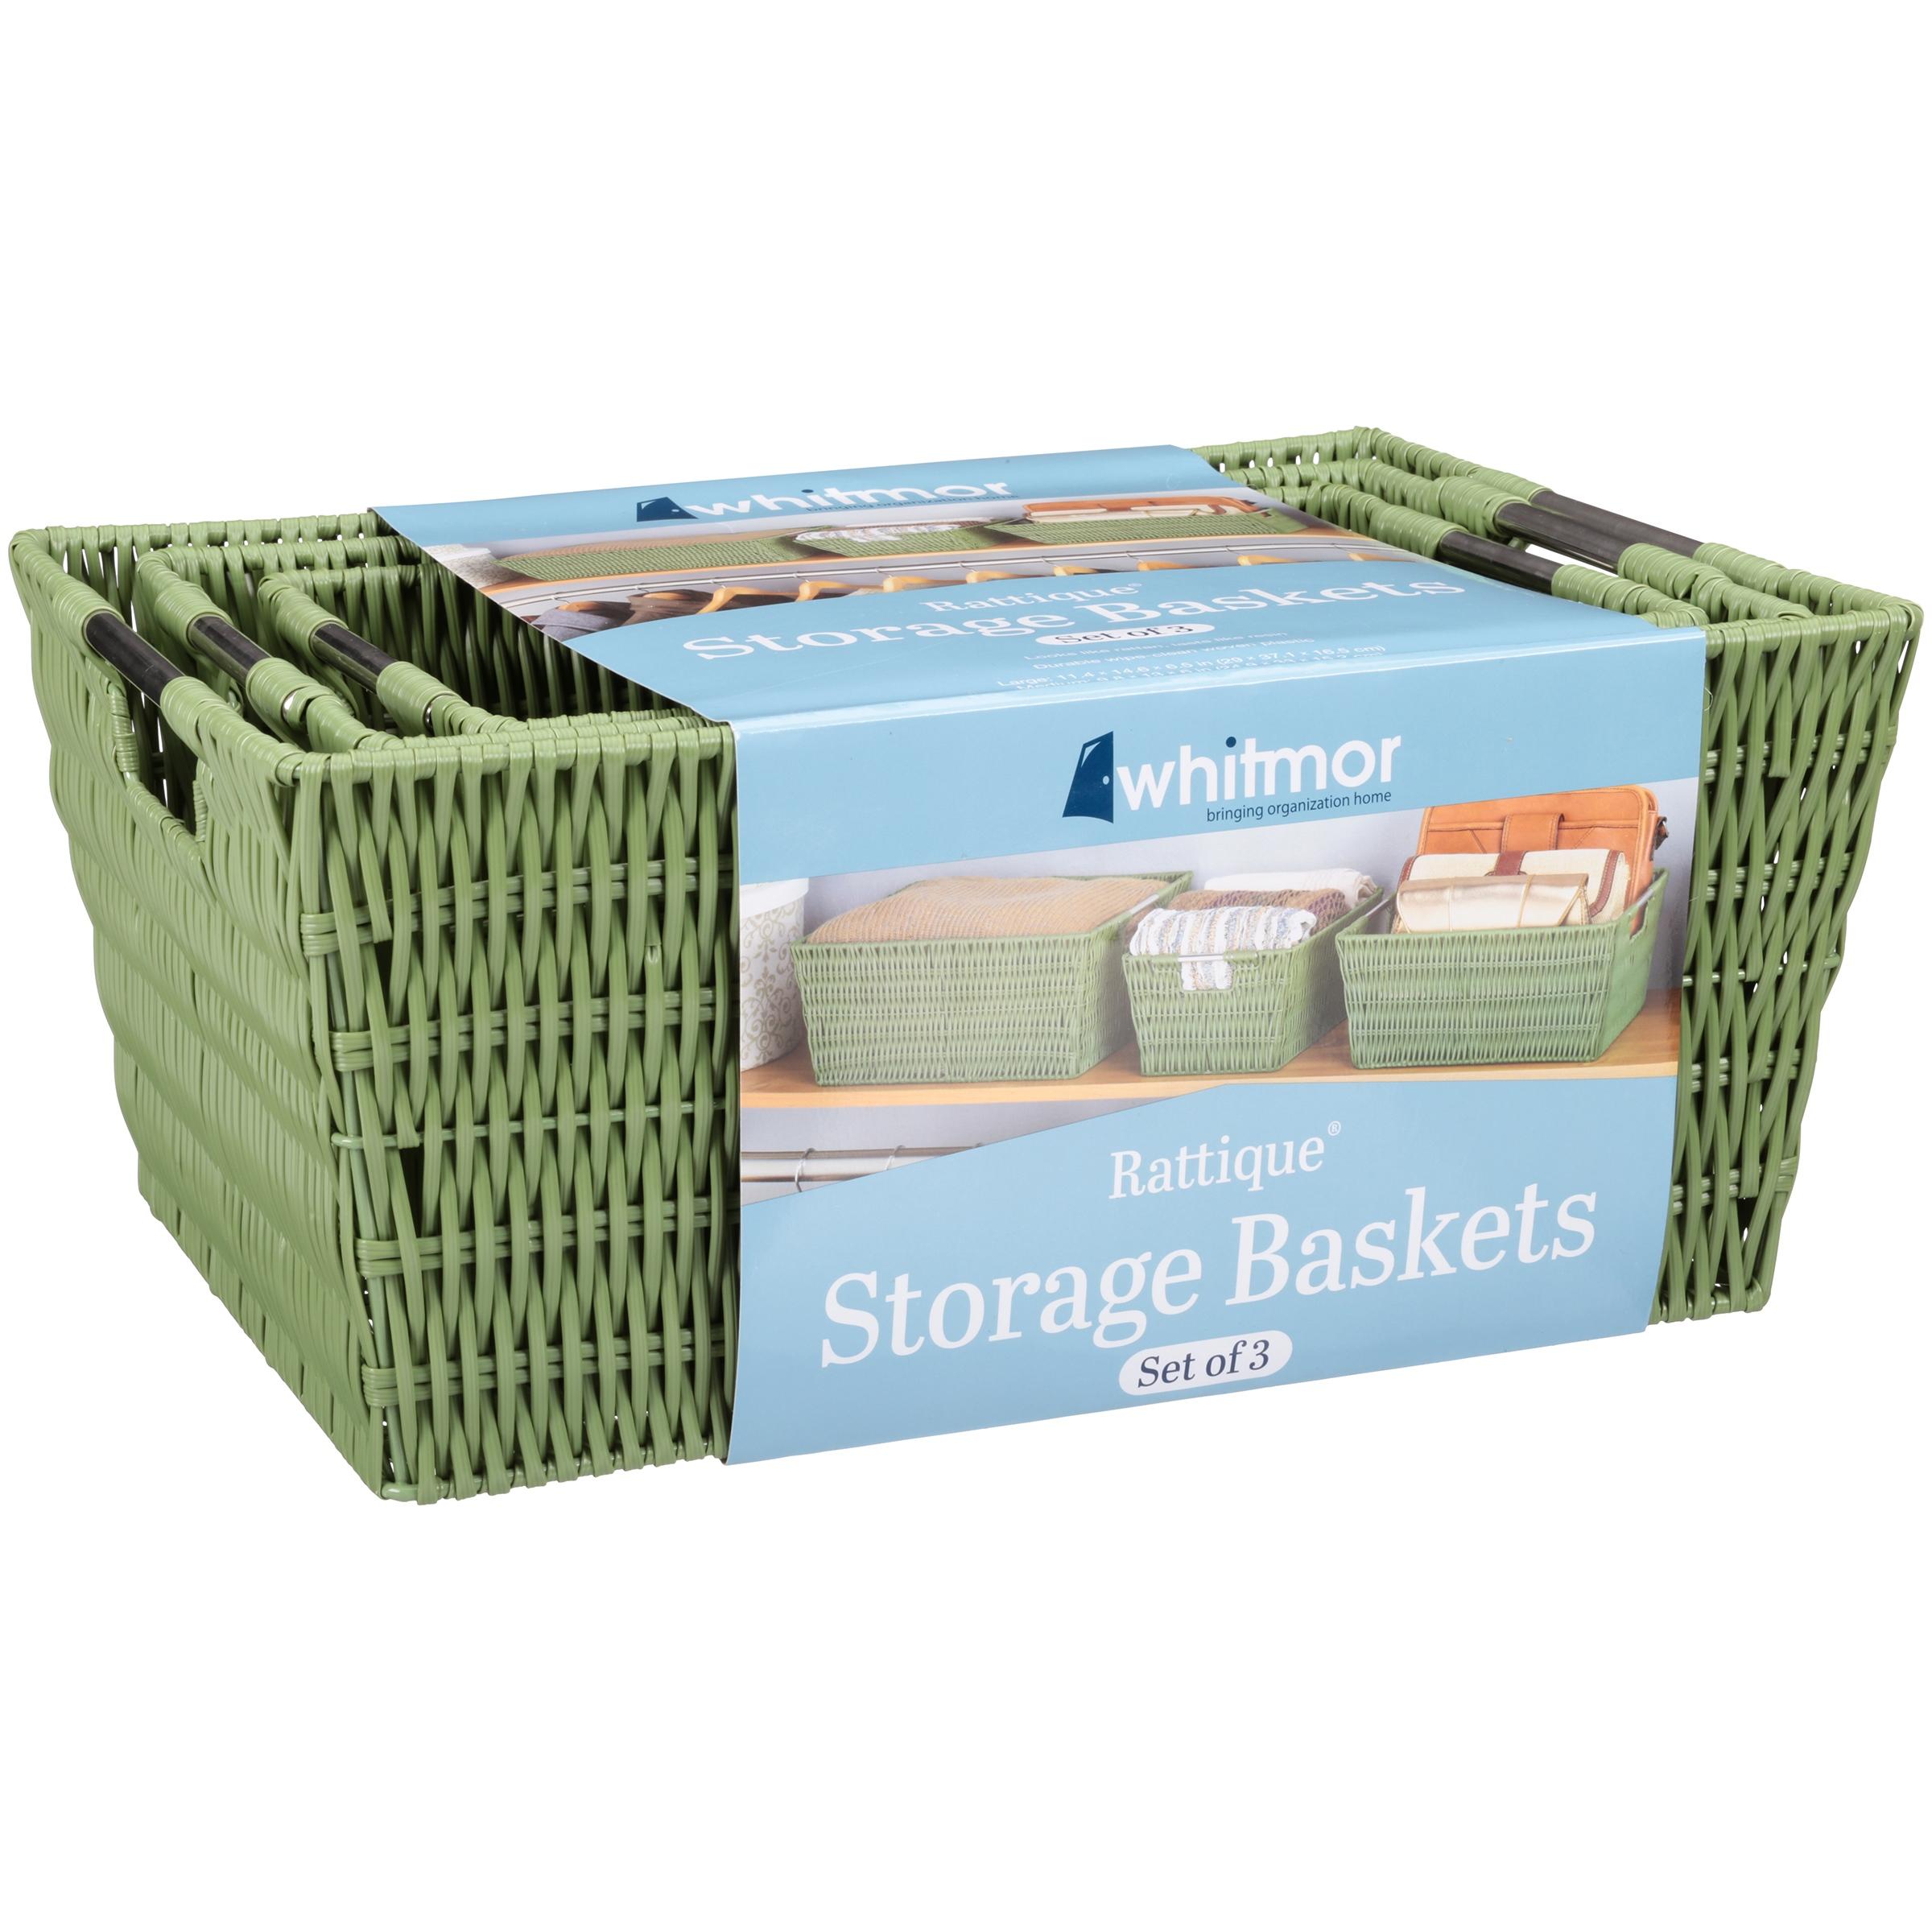 sc 1 st  Walmart & Whitmor Rattique Storage Baskets Set of 3 Multiple Colors - Walmart.com